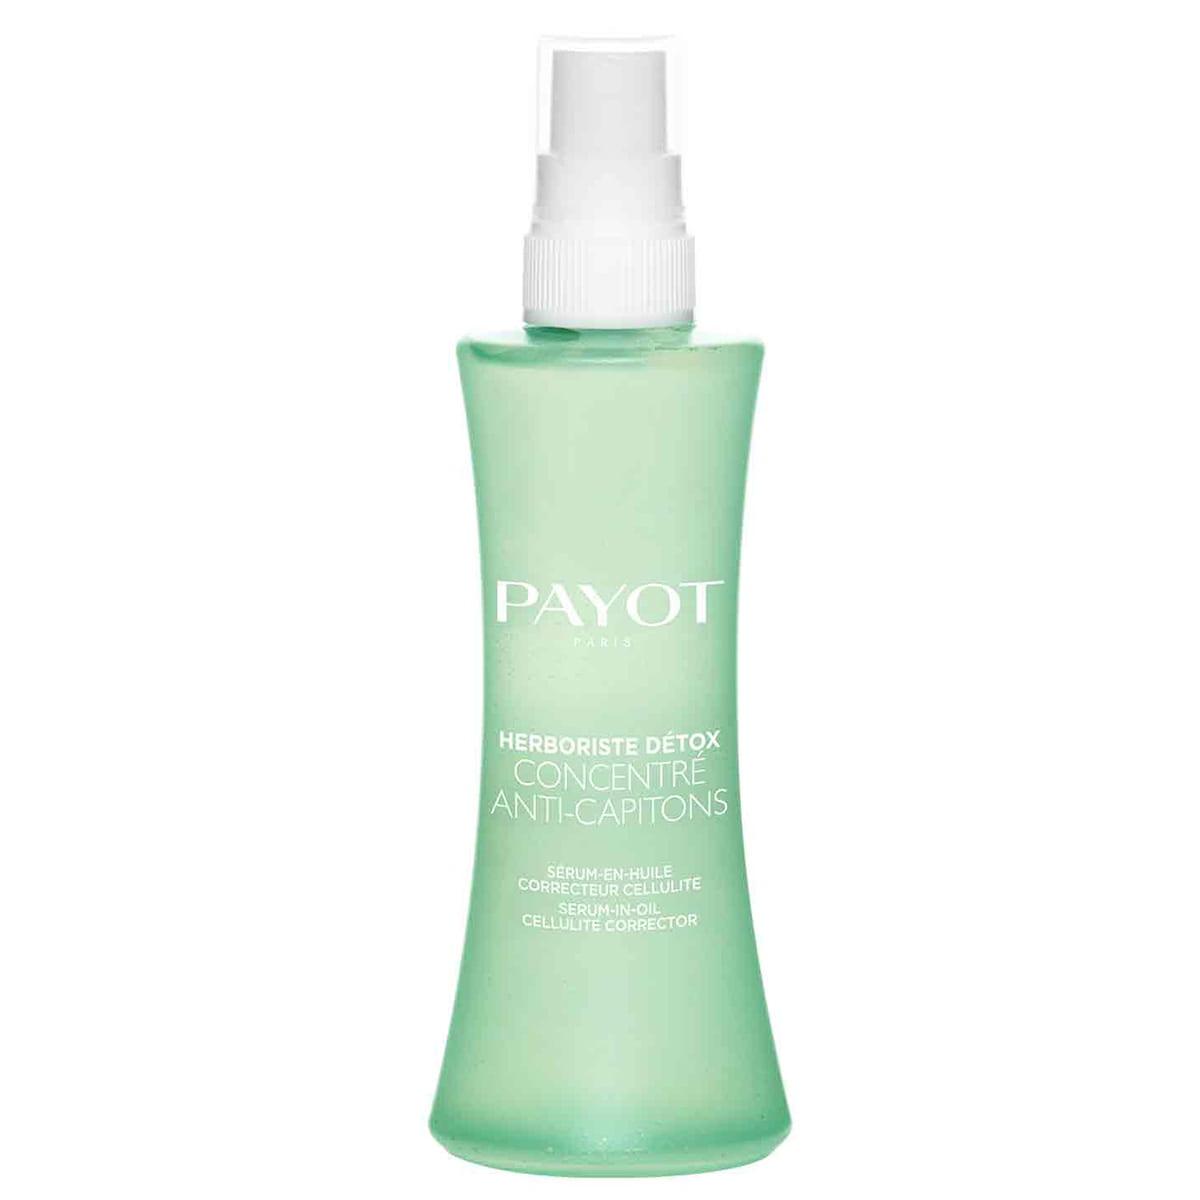 Payot - Herboriste Detox Concentré Anti-Capitons